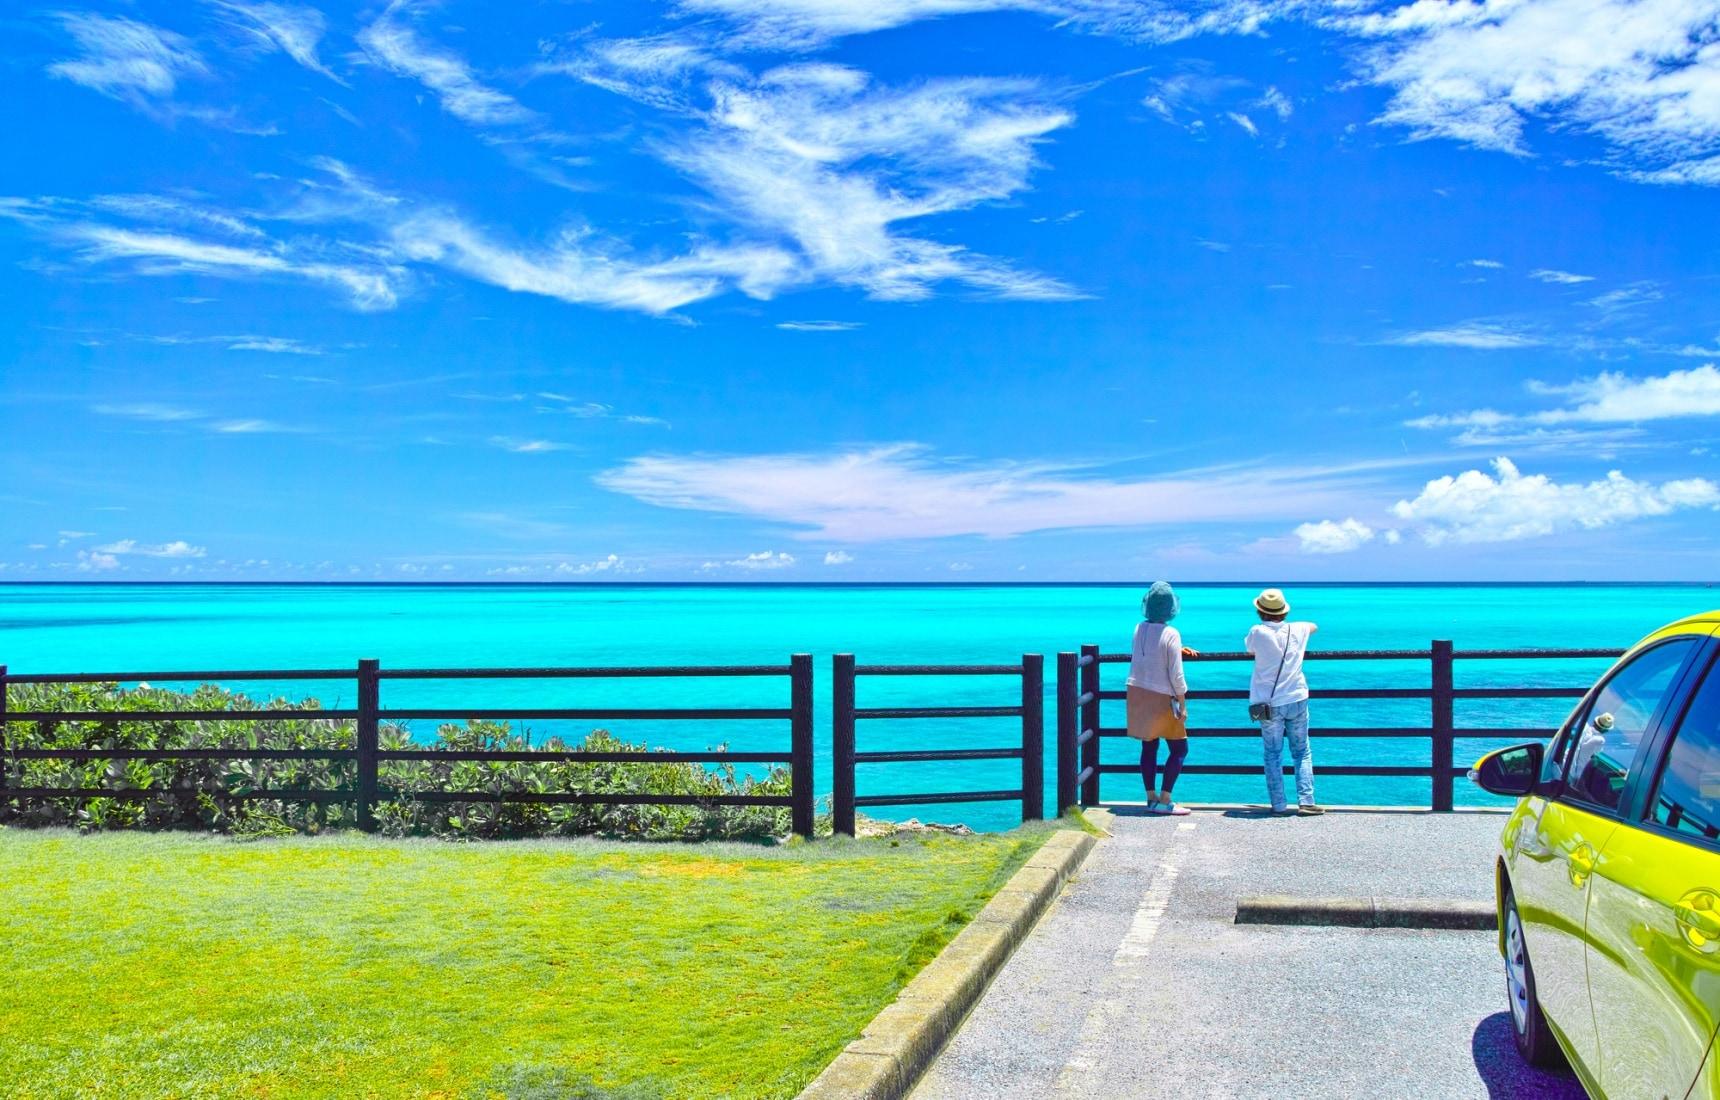 【沖繩自由行】自駕遊絕不能錯過的三座大橋與沖繩美麗海絕景